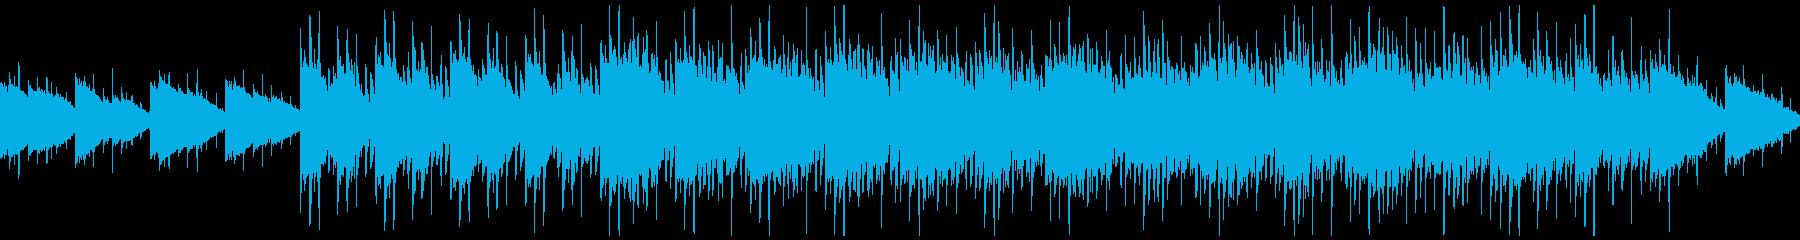 研究・謎を解く・考え中、等のBGMループの再生済みの波形